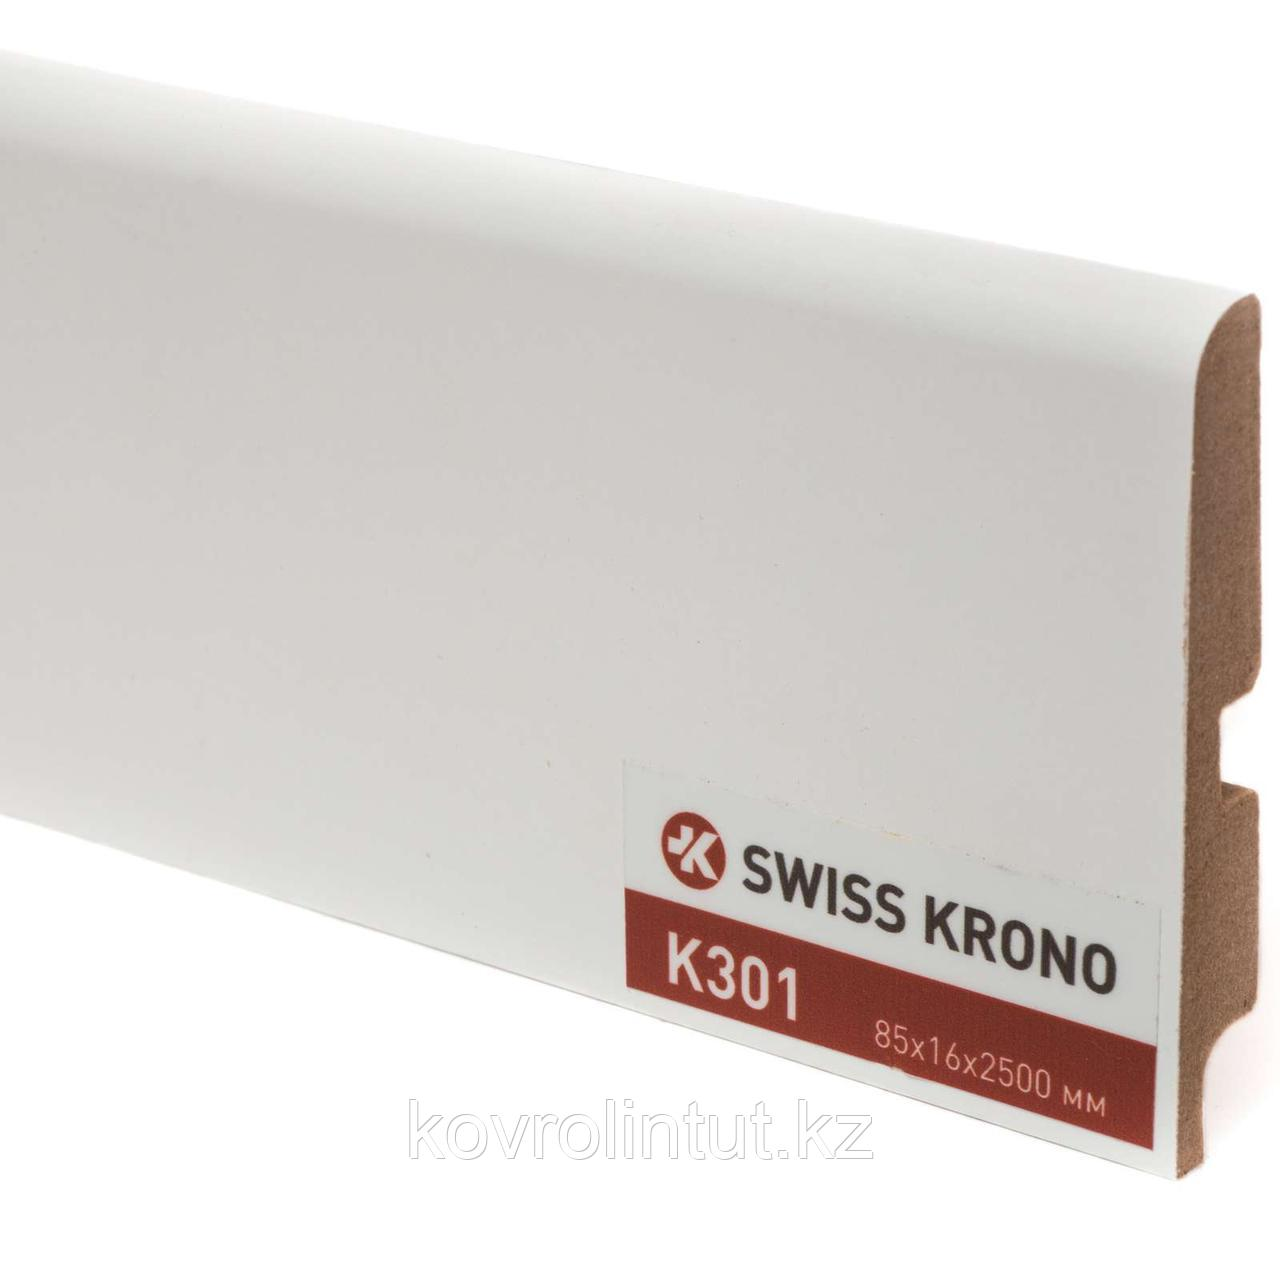 Плинтус Kronopol P85 K301, White, 2500х85х16мм